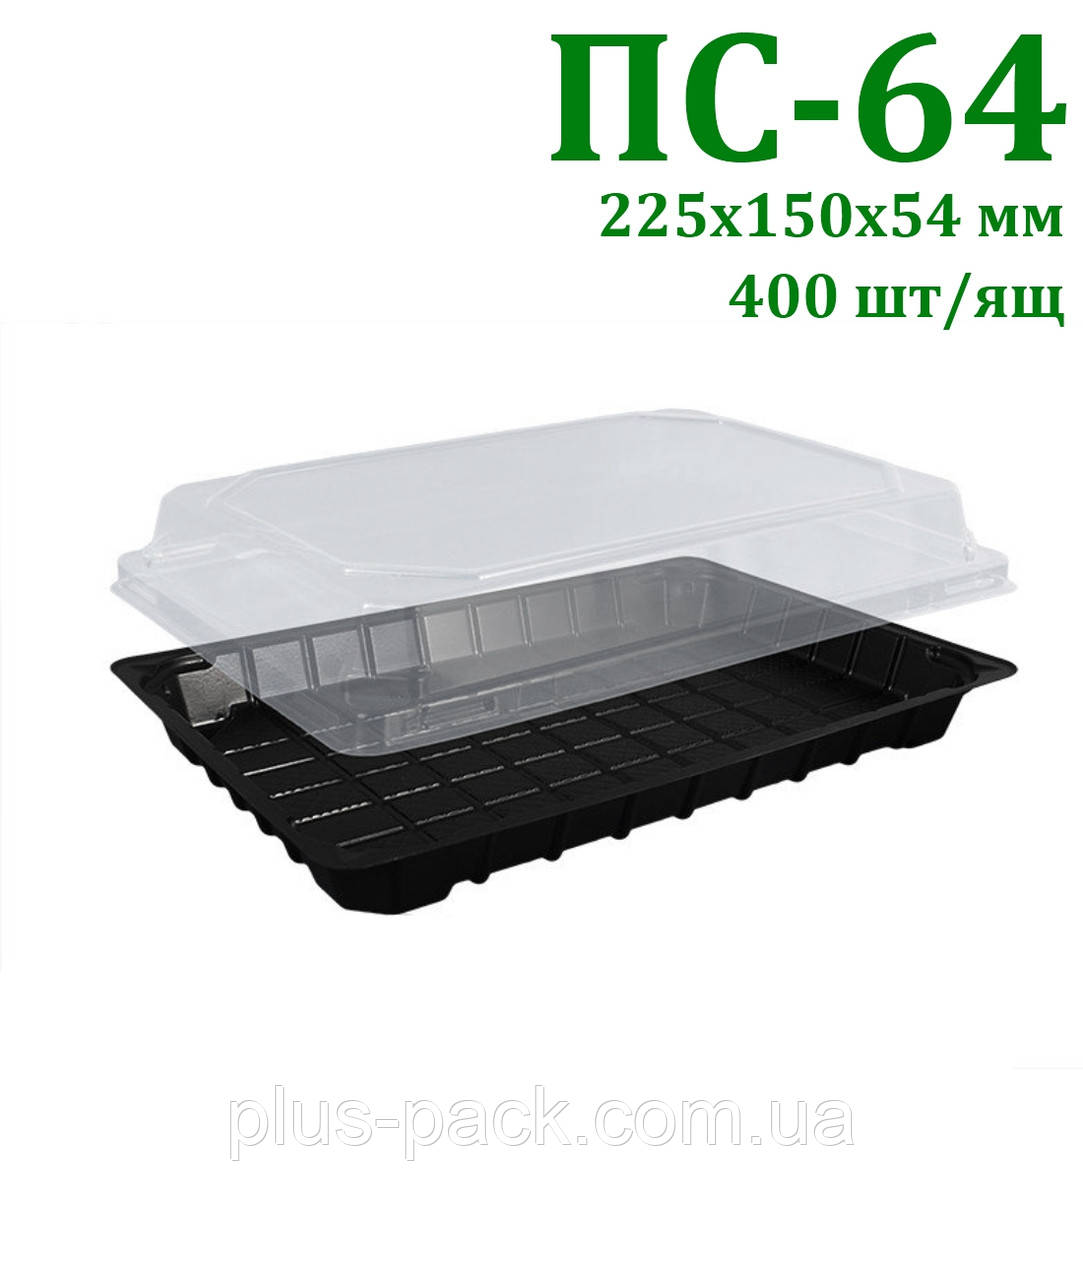 Блистерная Одноразовая Упаковка для суши и роллов с крышкой